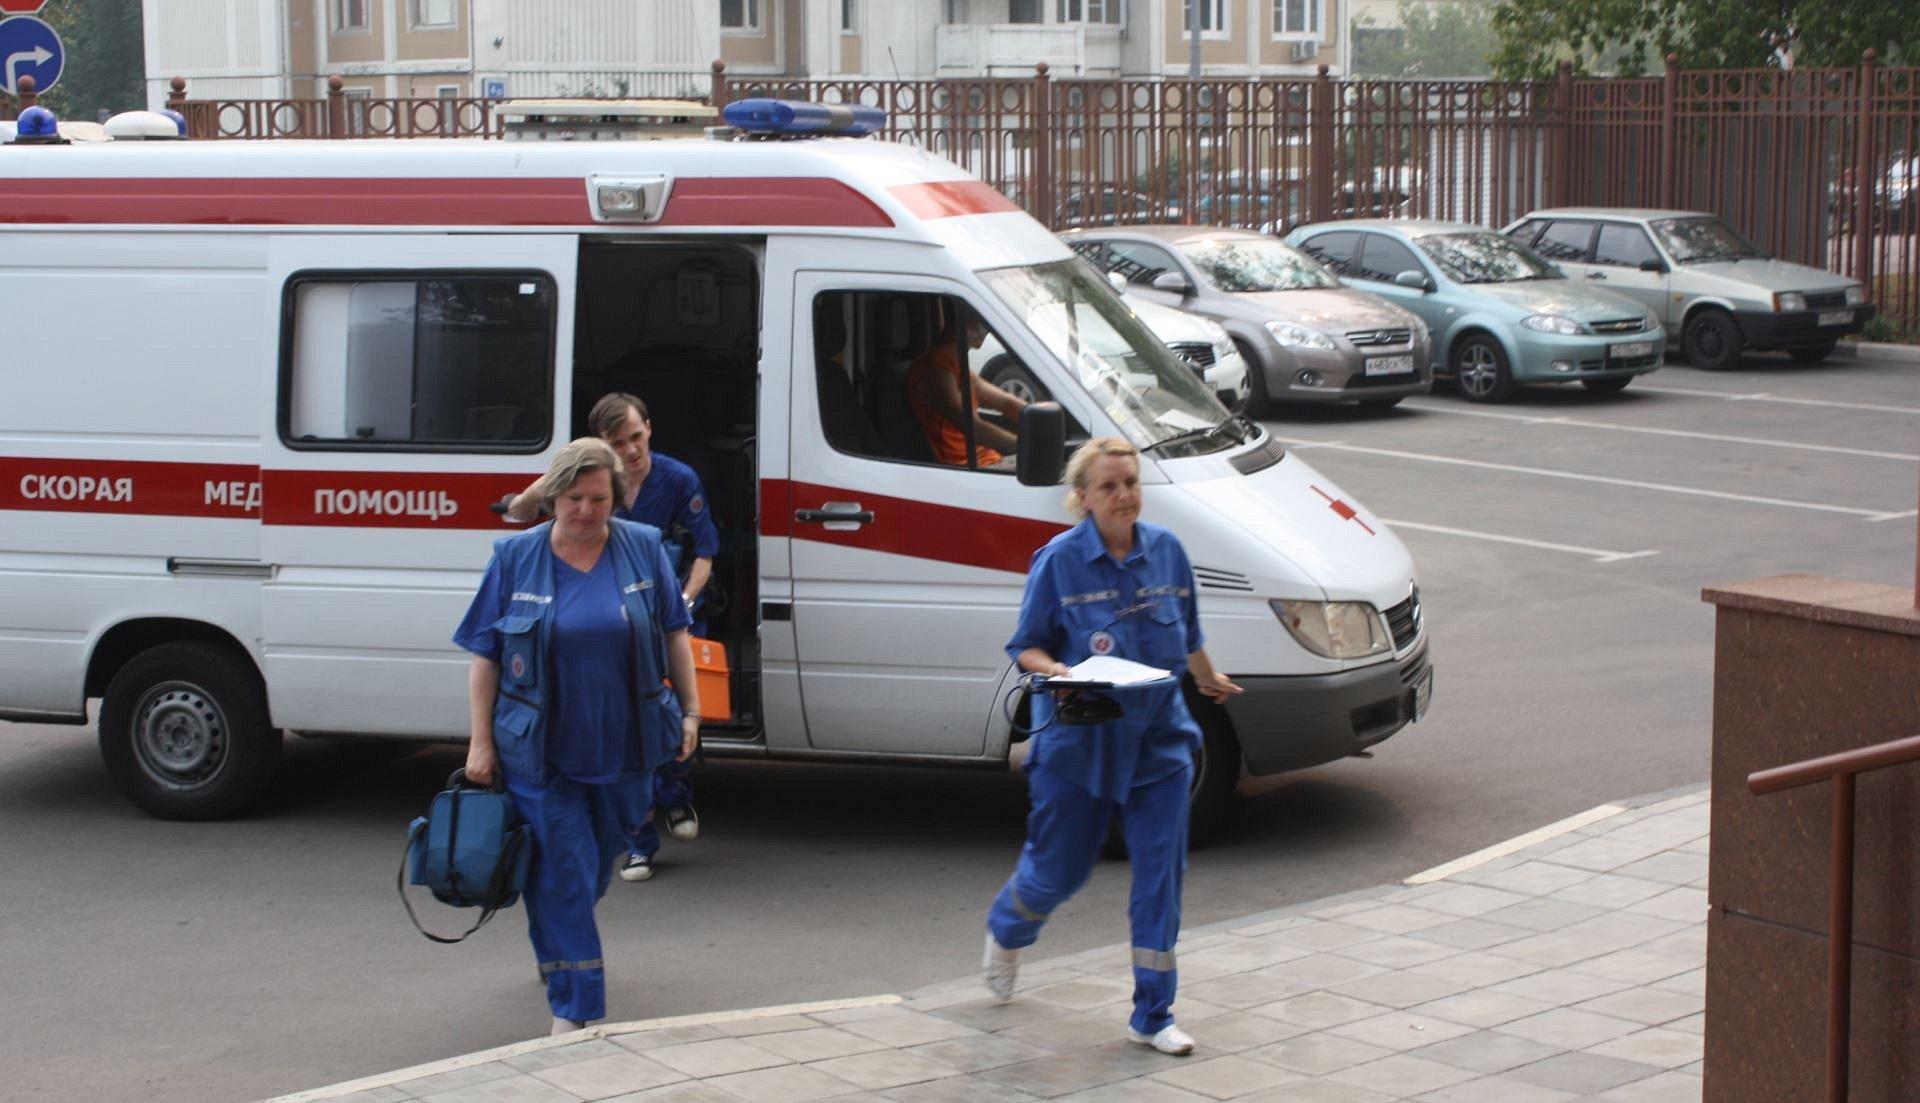 фельдшер скорой помощи вакансии санкт петербург таких